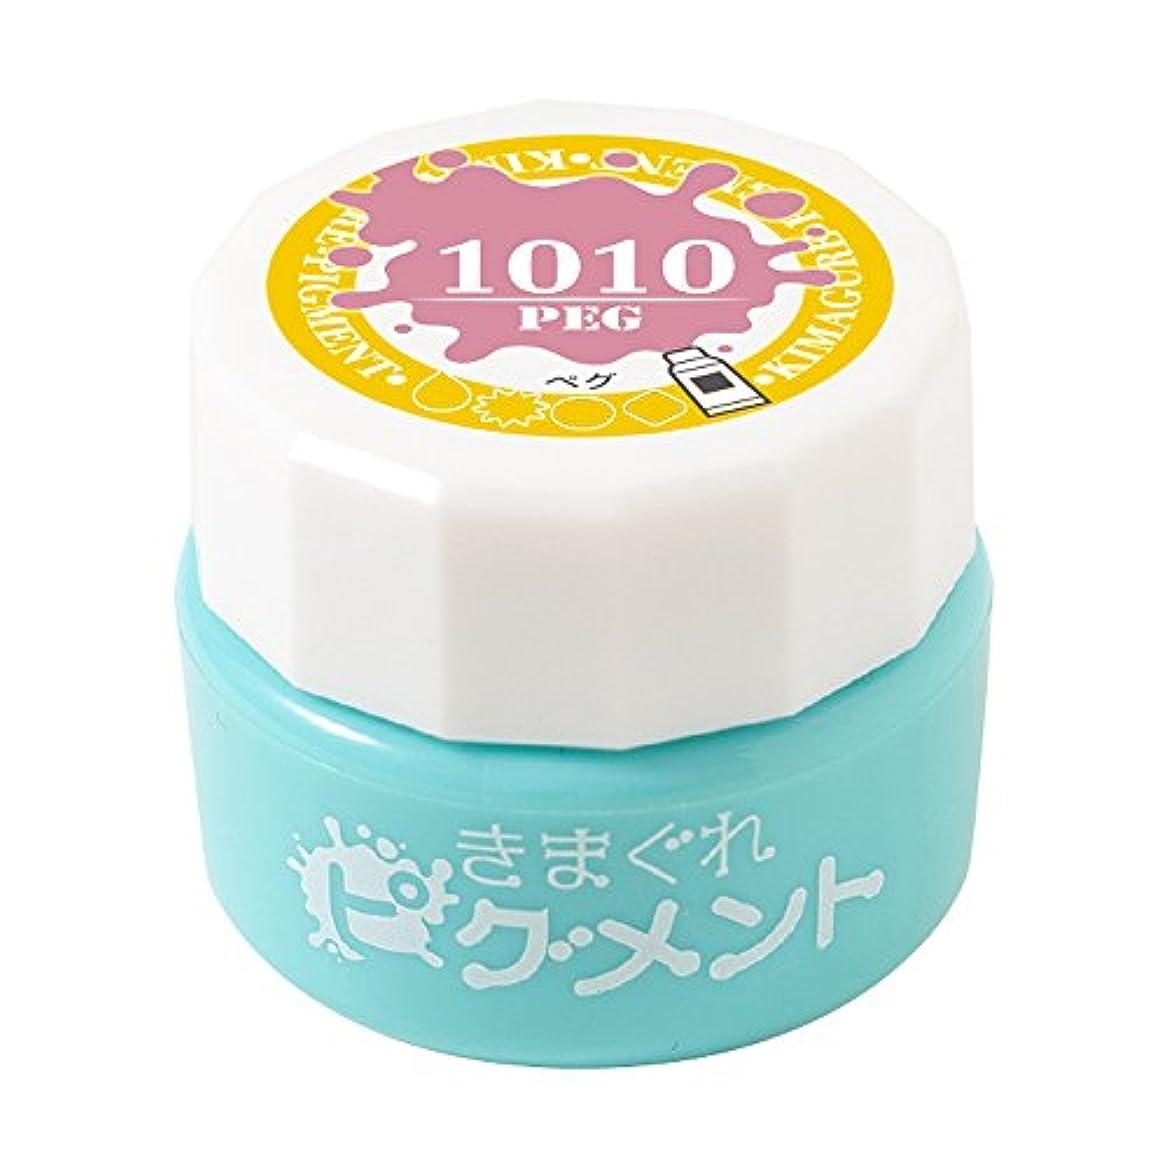 象入浴酒Bettygel きまぐれピグメント ペグ QYJ-1010 4g UV/LED対応